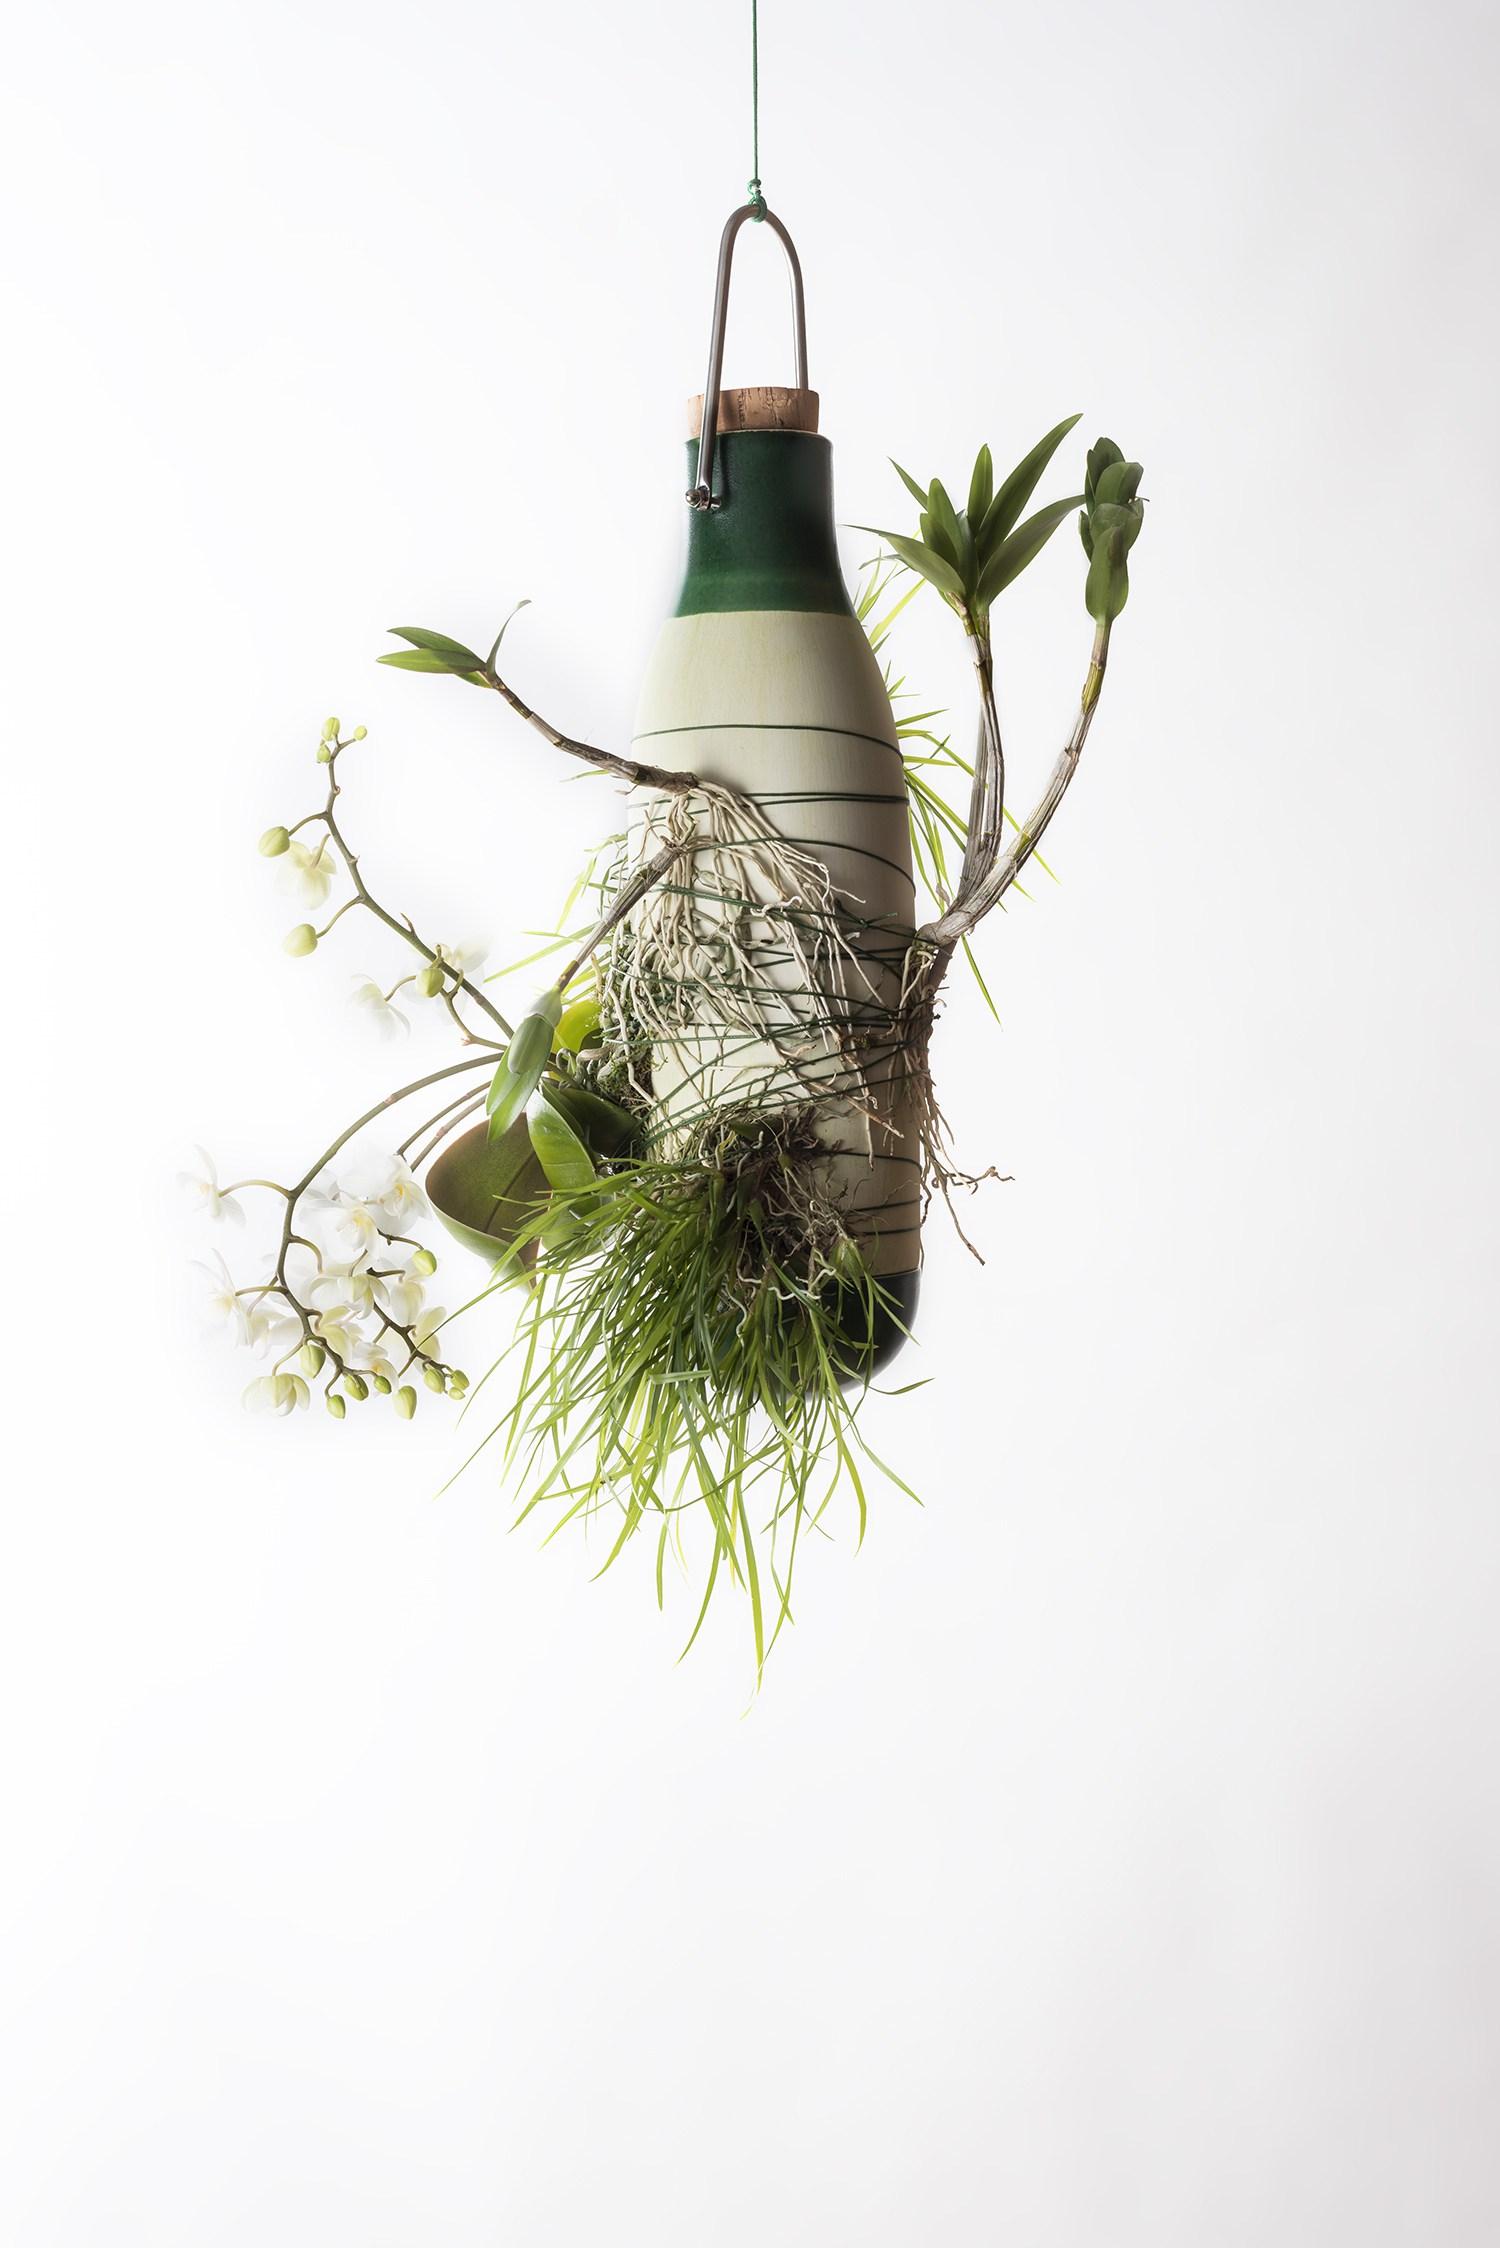 Pot De Plante Pas Cher plantes et design : 5 idées à expérimenter chez soi